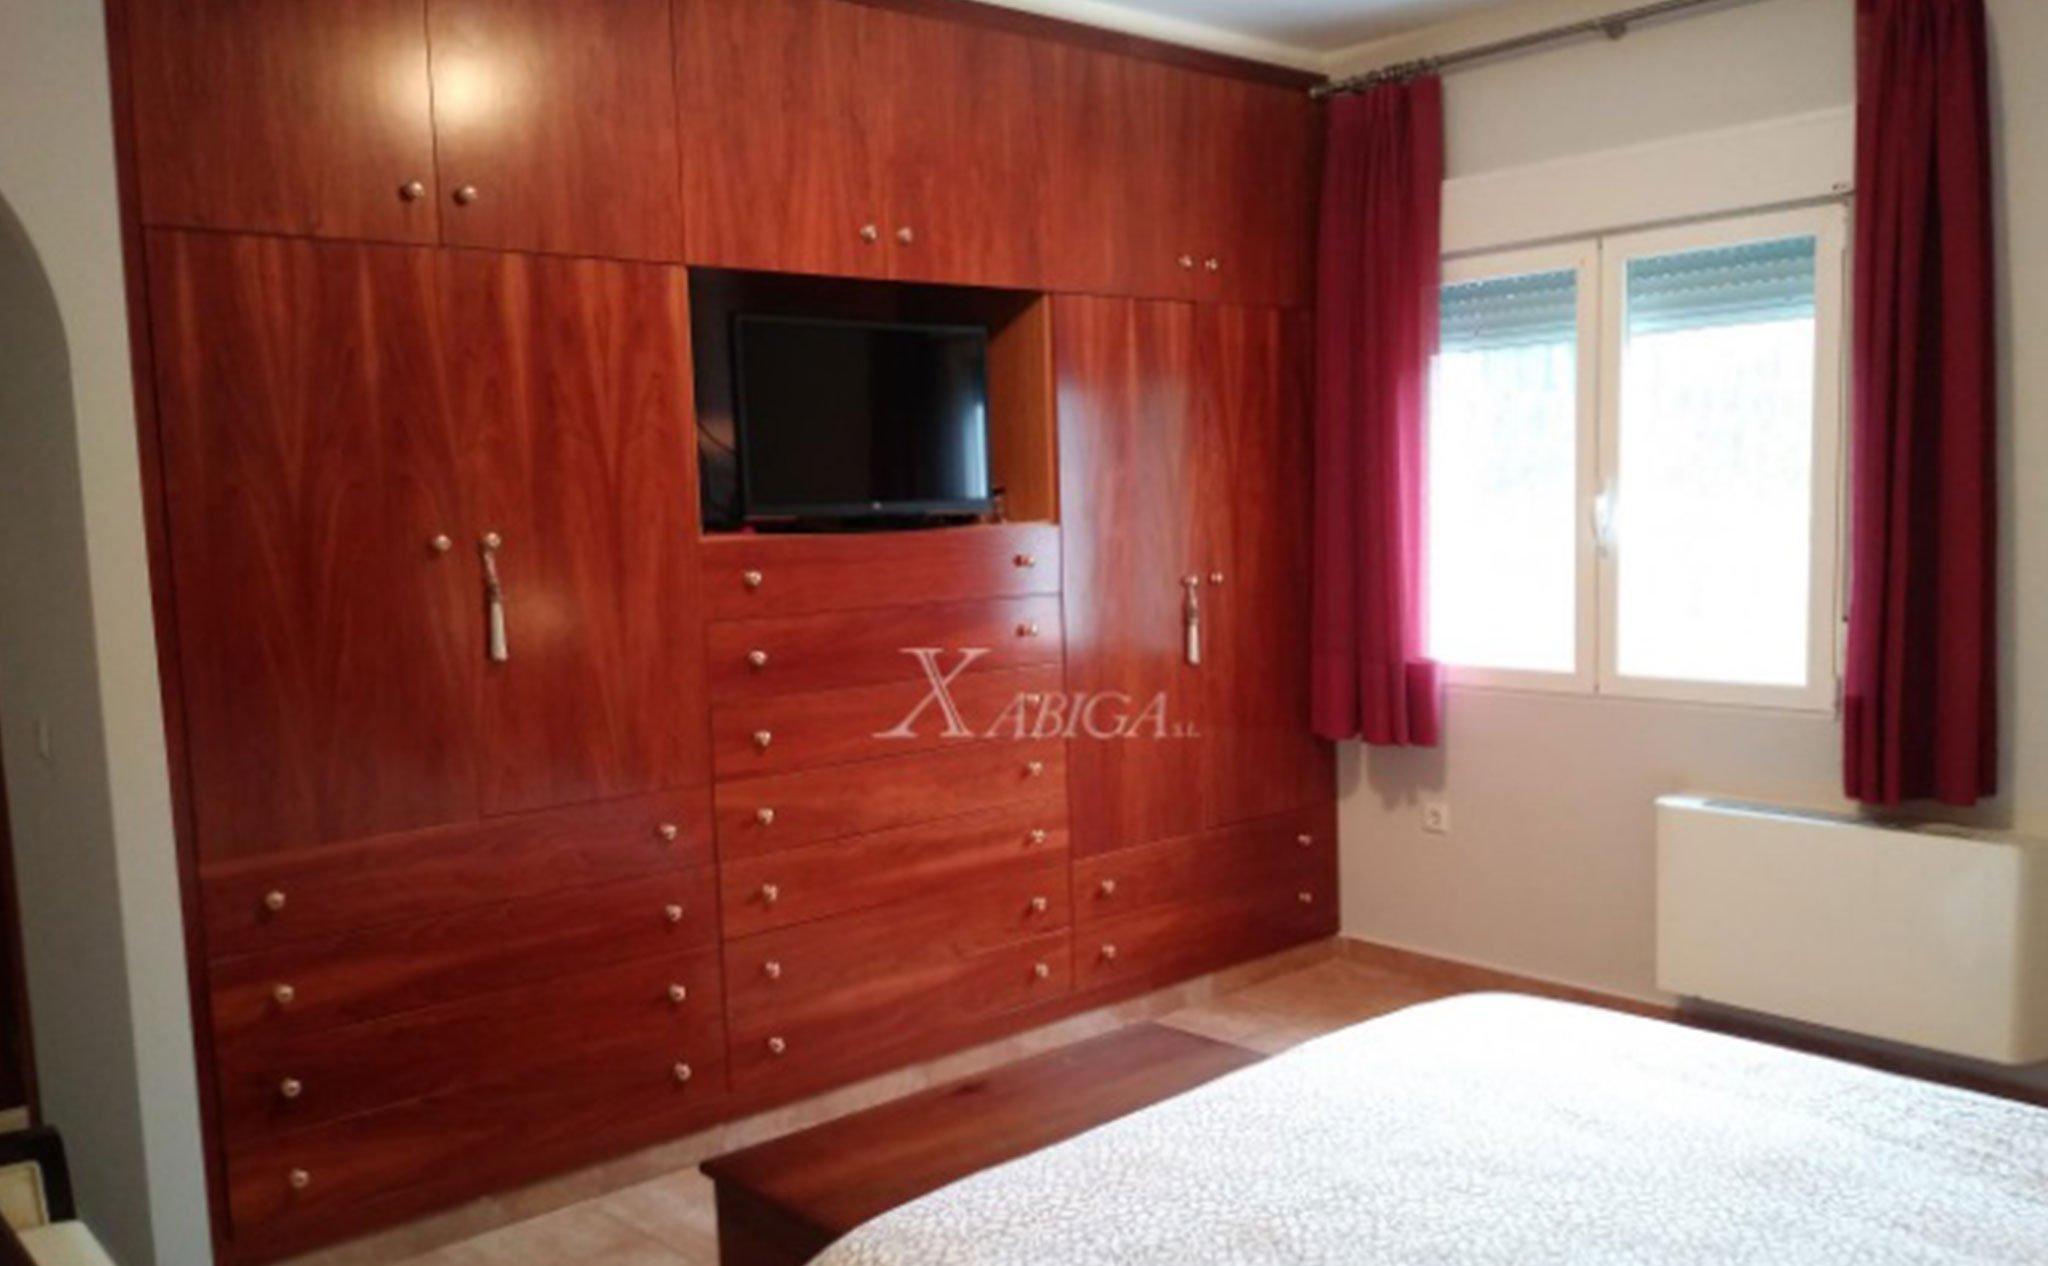 Dormitorio principal de un chalet en venta en Jávea – Xabiga Inmobiliaria